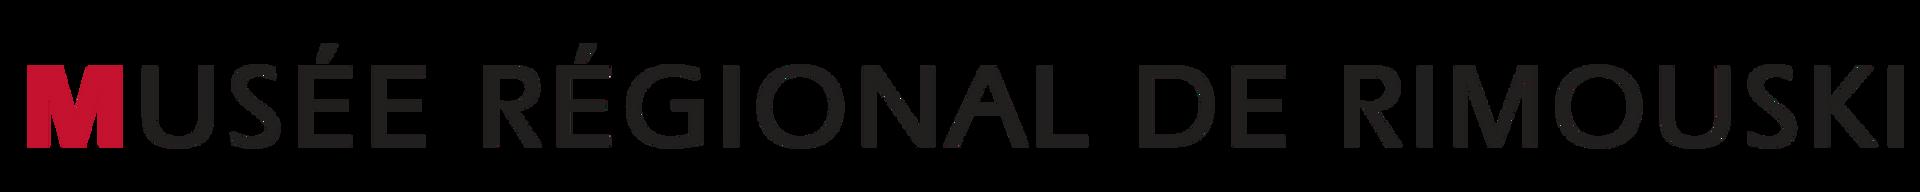 Logo-Musée-transparent.png